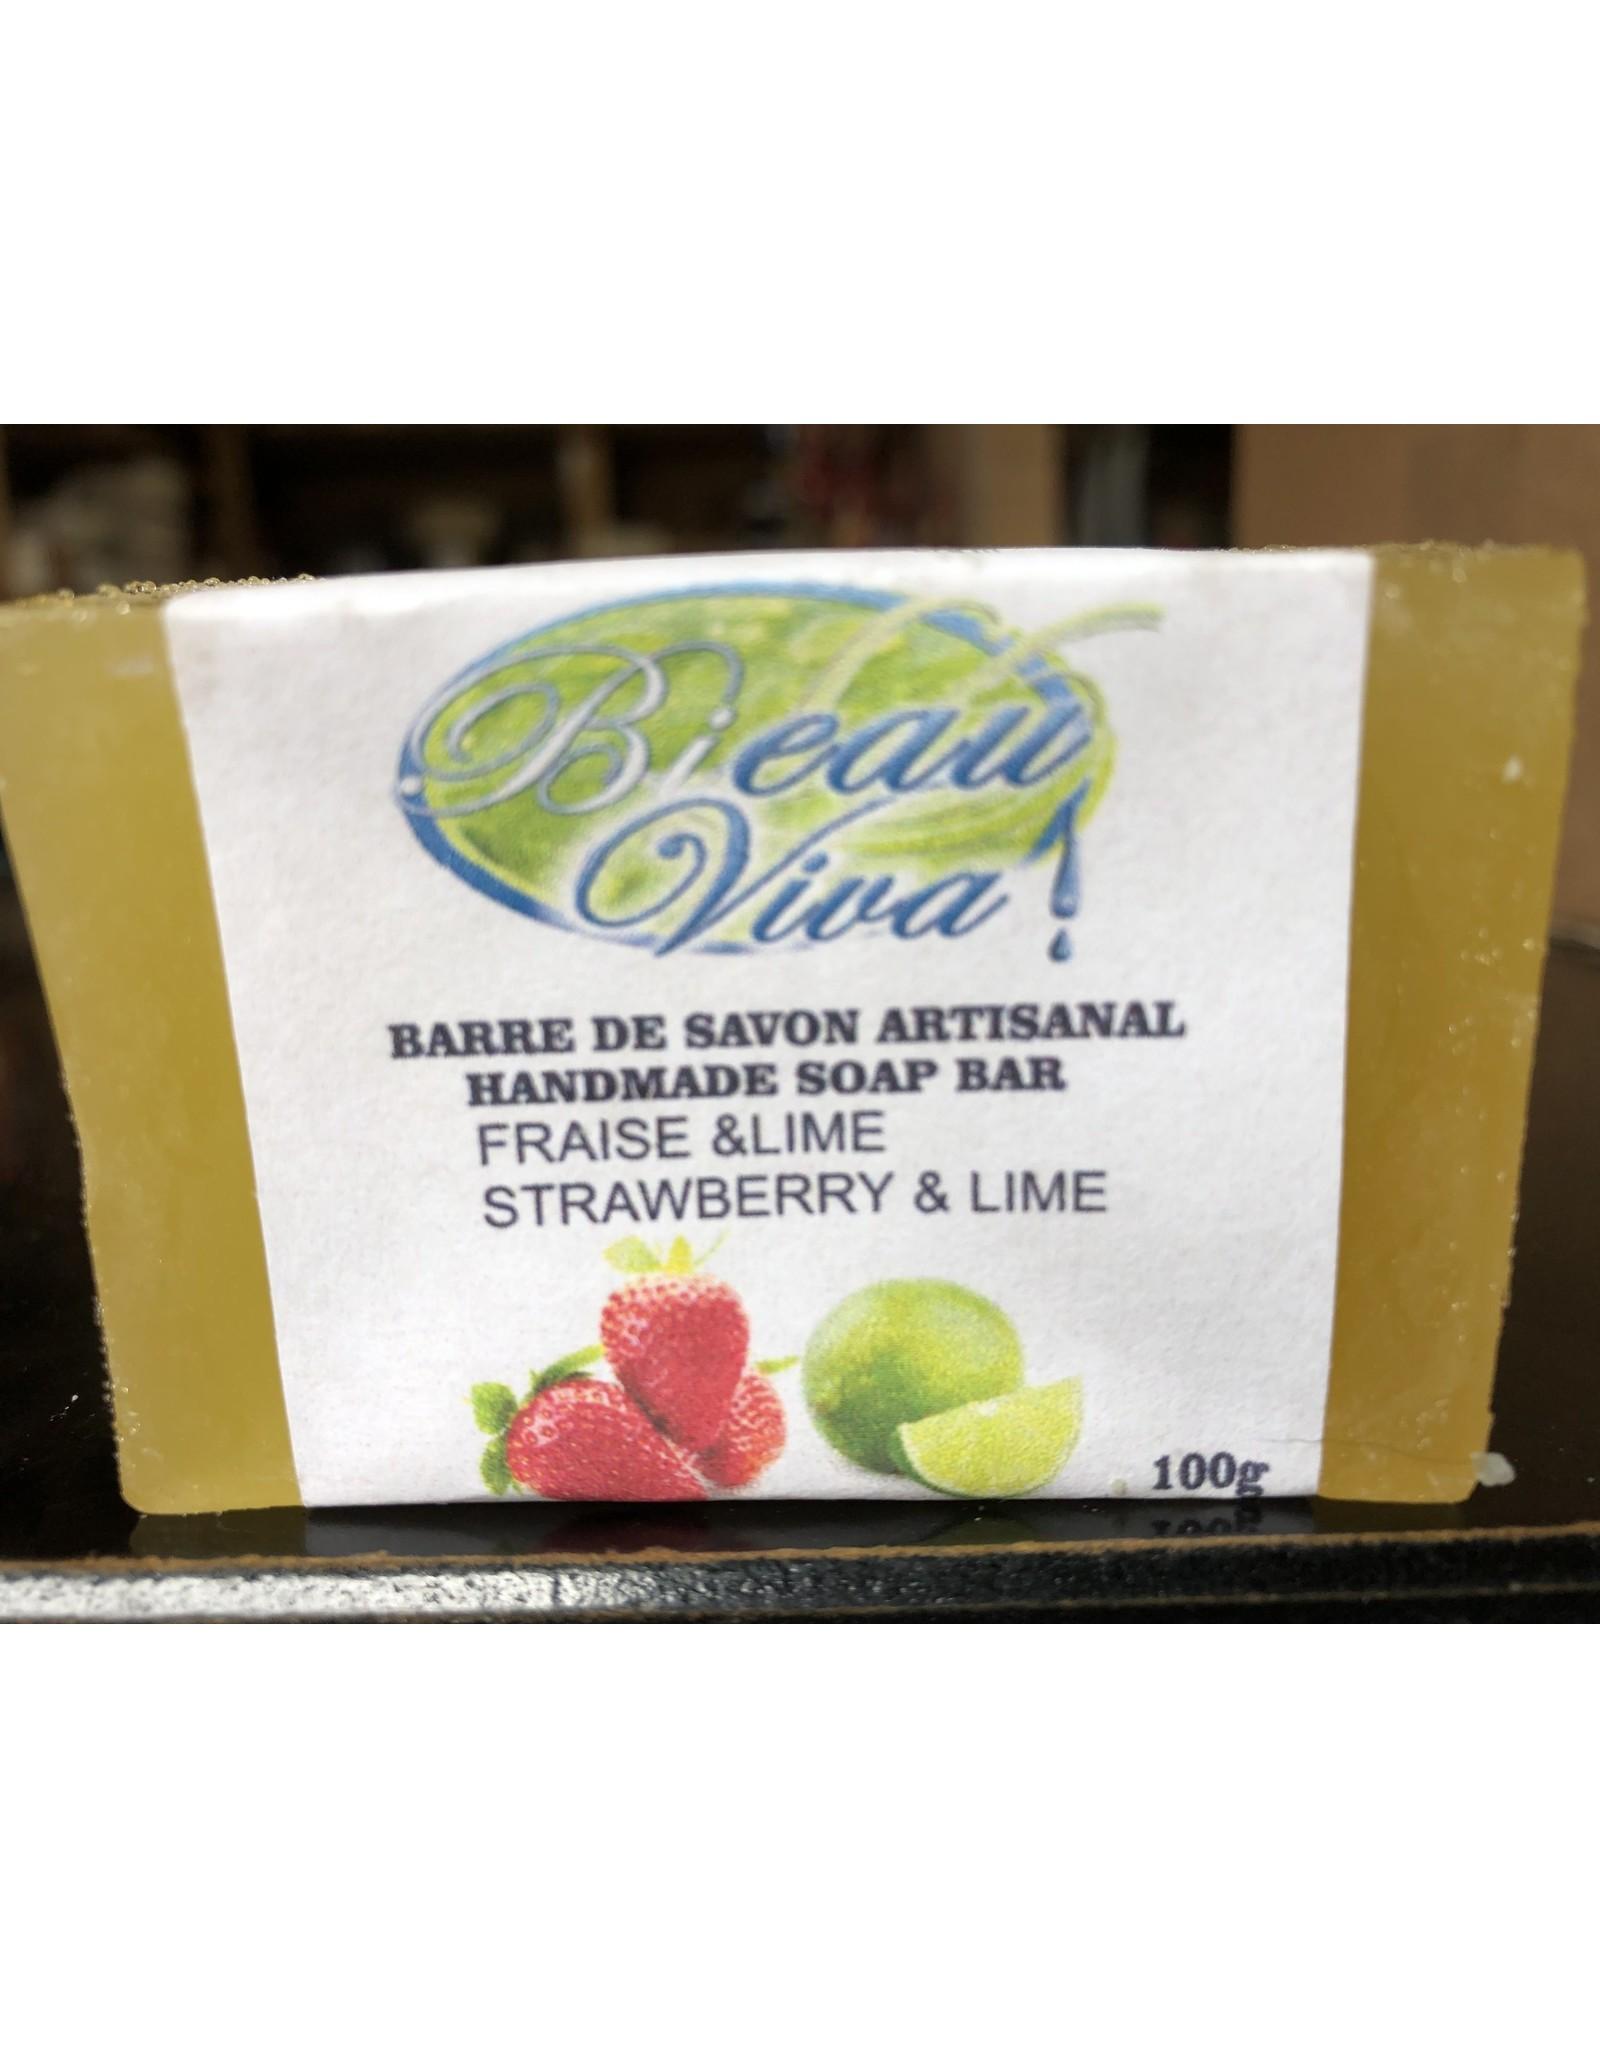 Bieau Viva savon en barre, Glycérine, Fraise et lime, 100 g